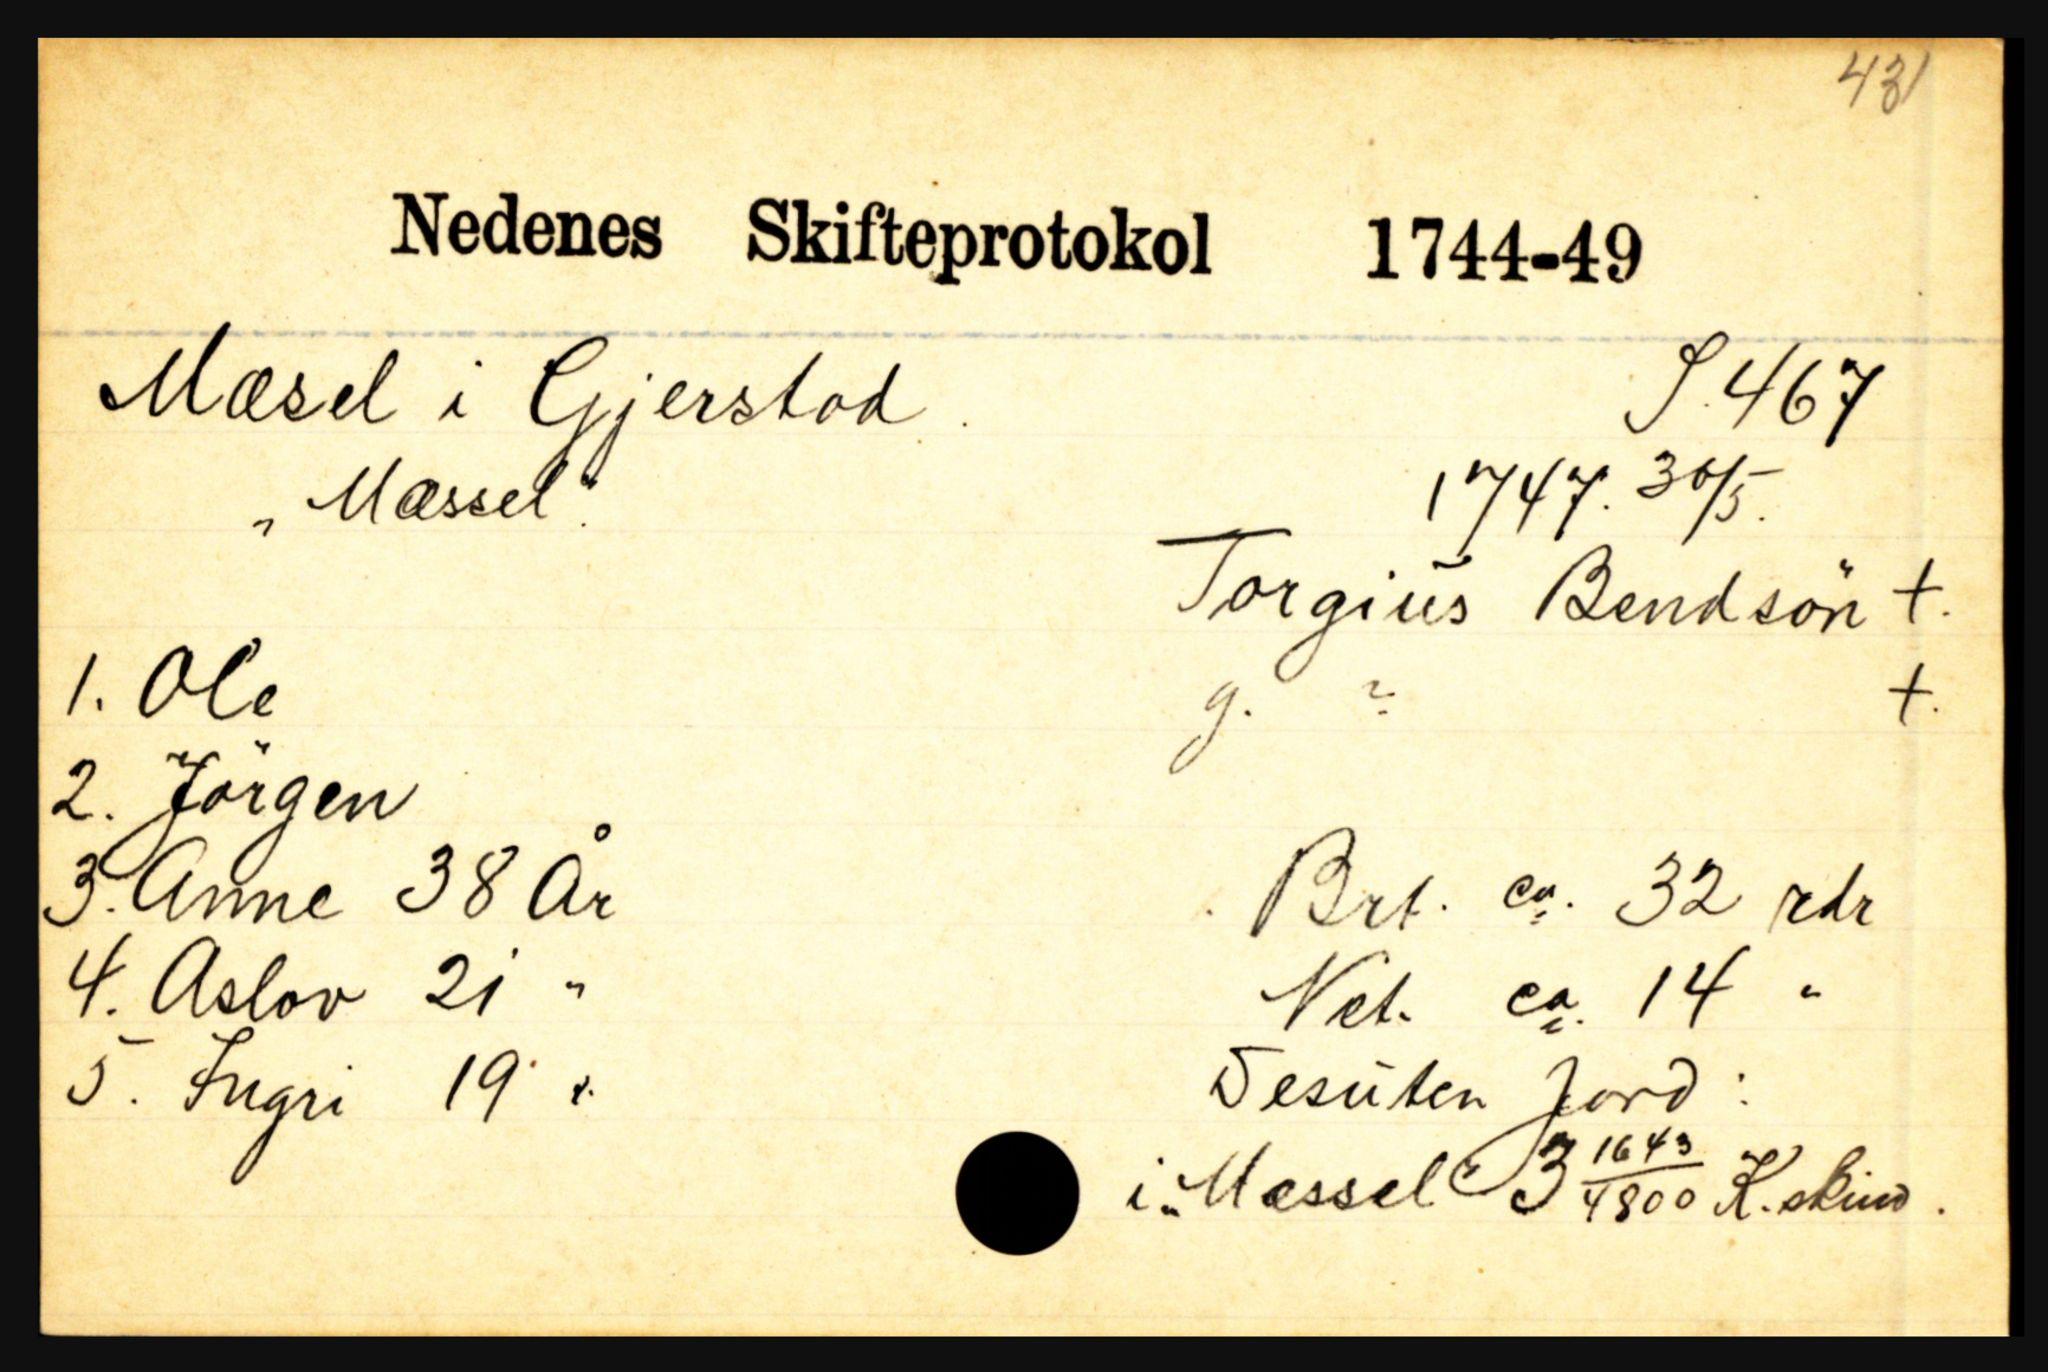 SAK, Nedenes sorenskriveri før 1824, H, s. 20637